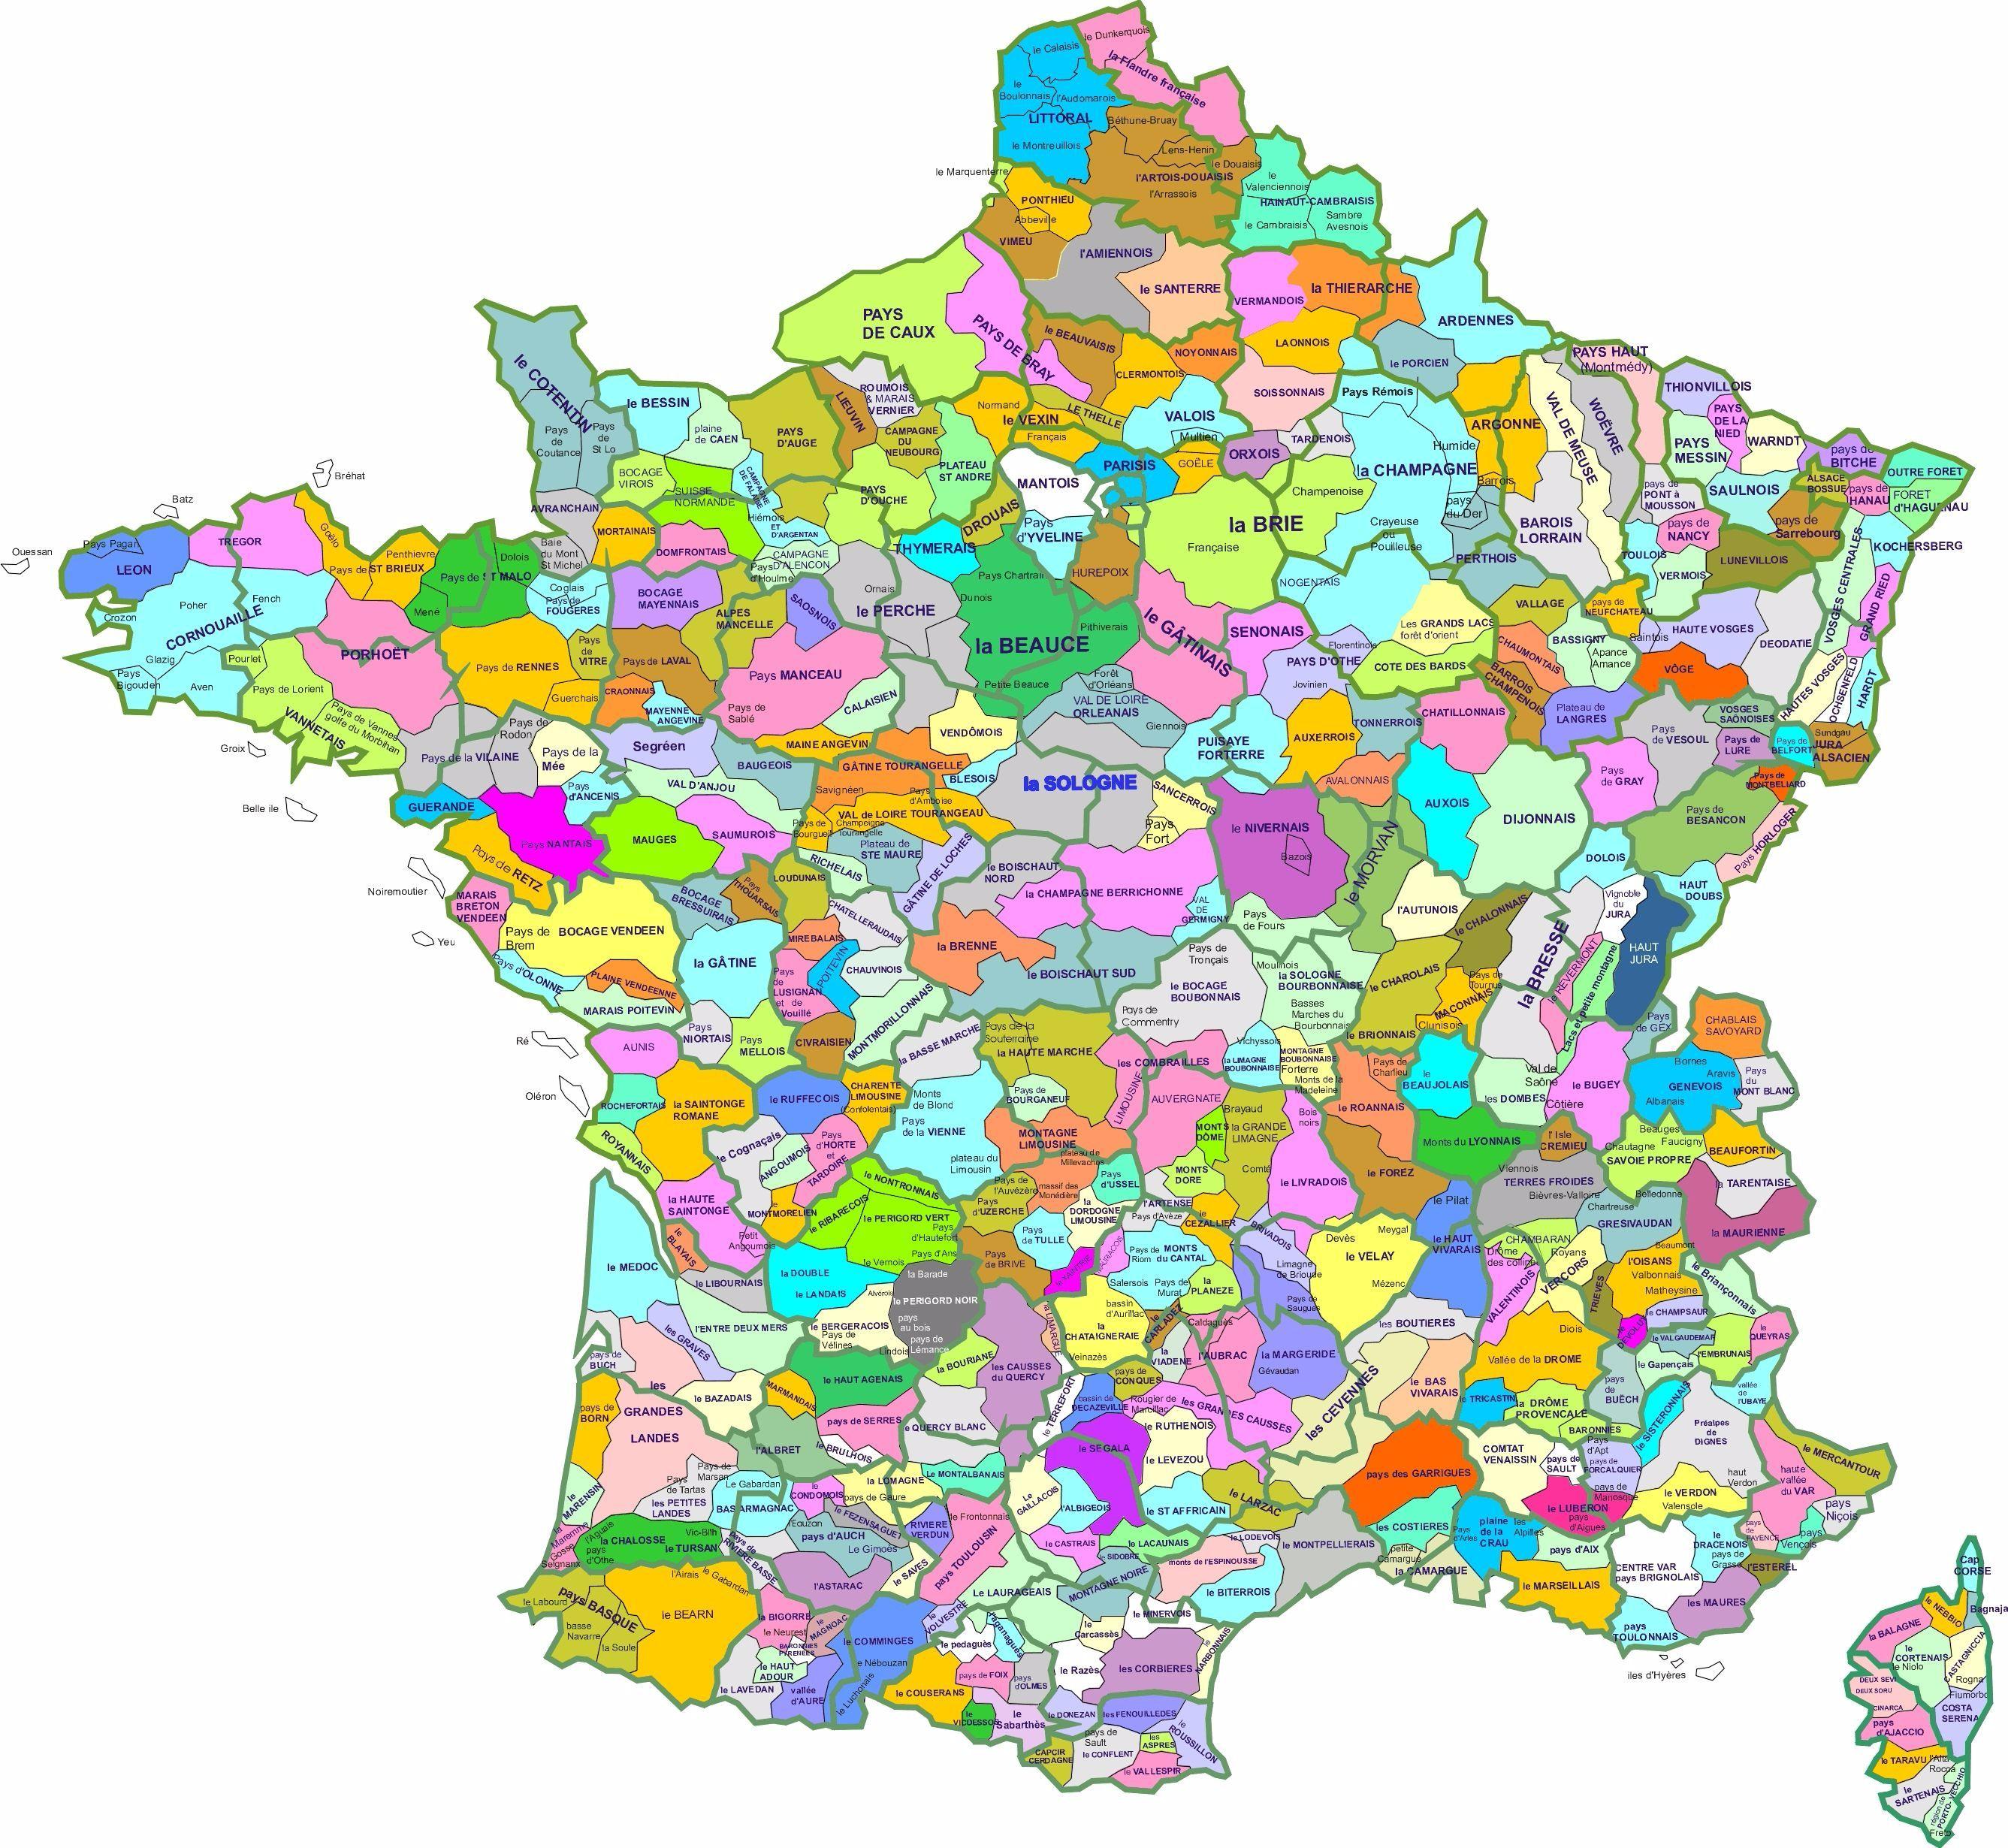 Les Regions Francaises D Antan Carte Des Regions Les Regions De France Carte De France